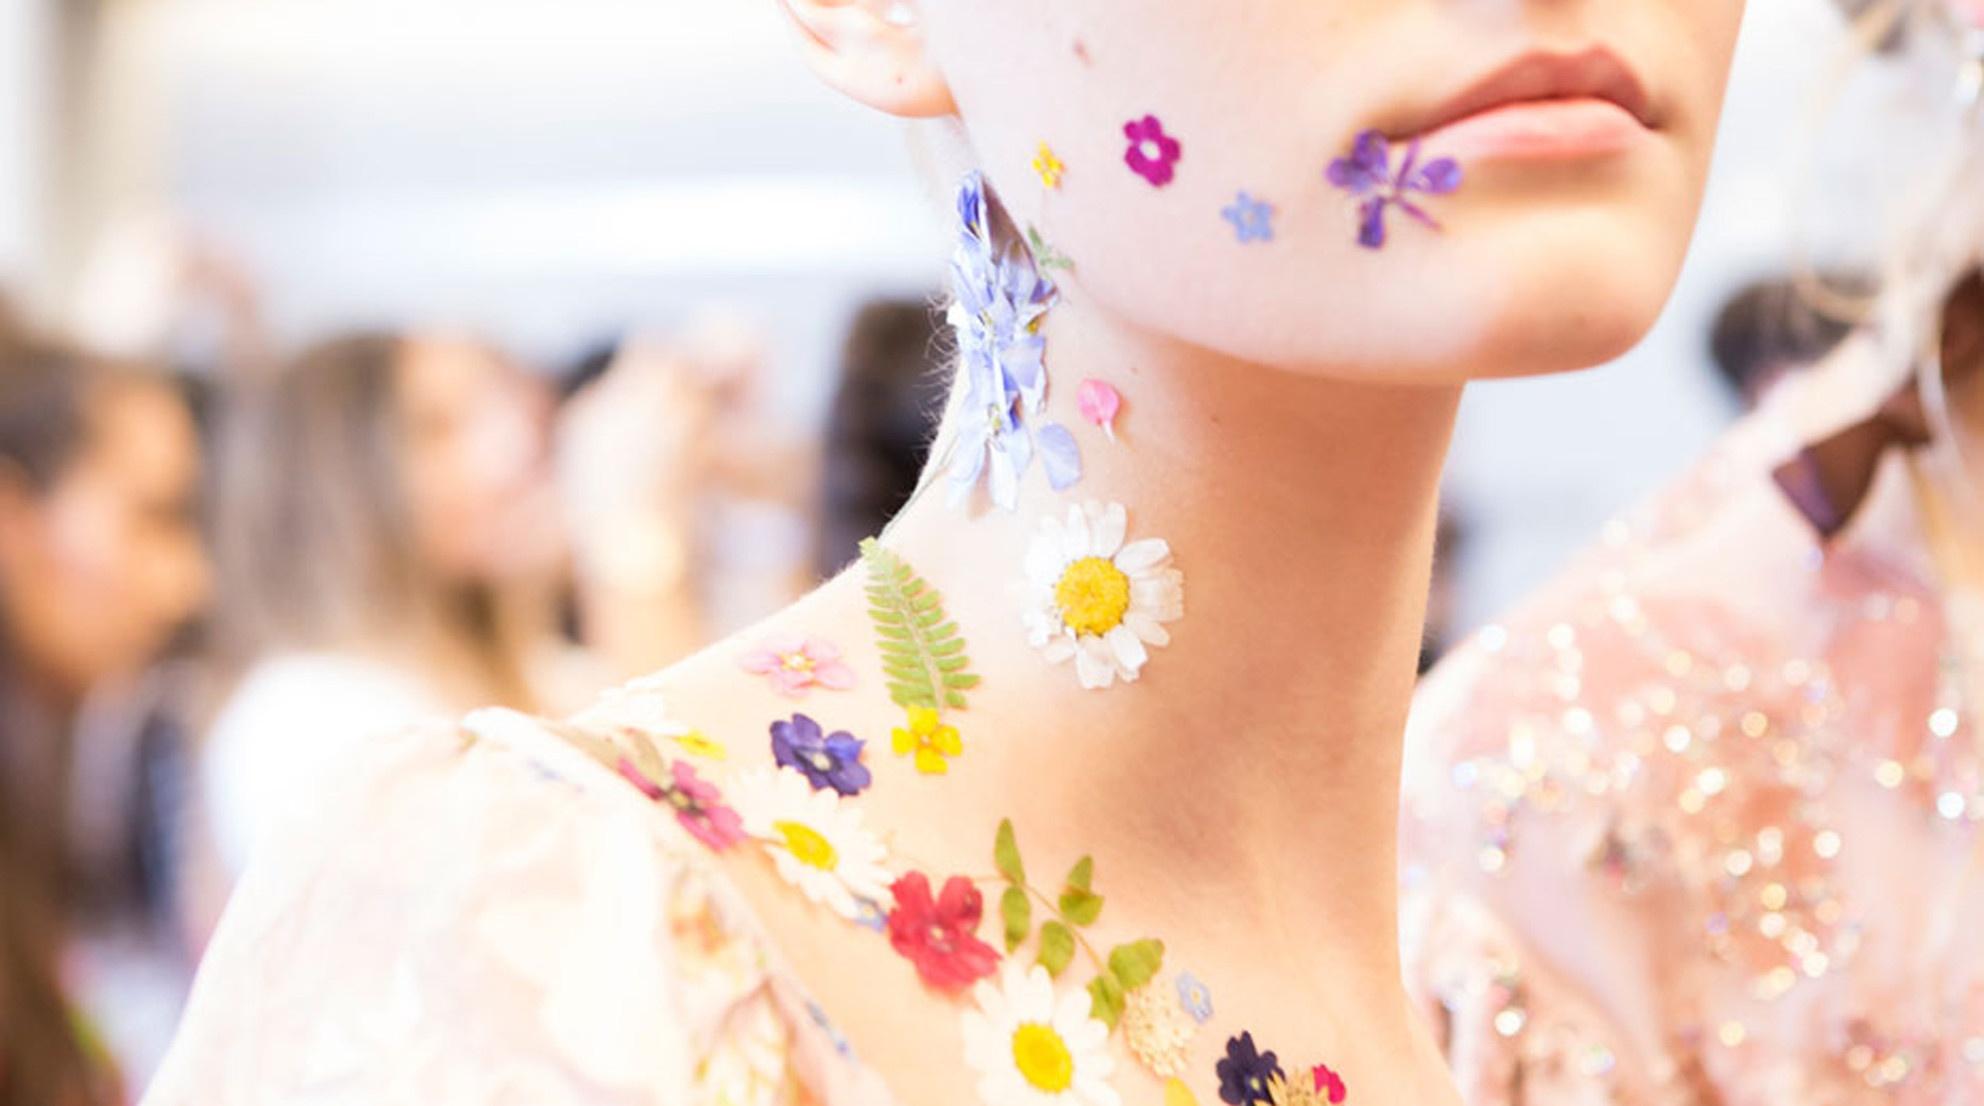 preen-bleuten-bazaar-beauty